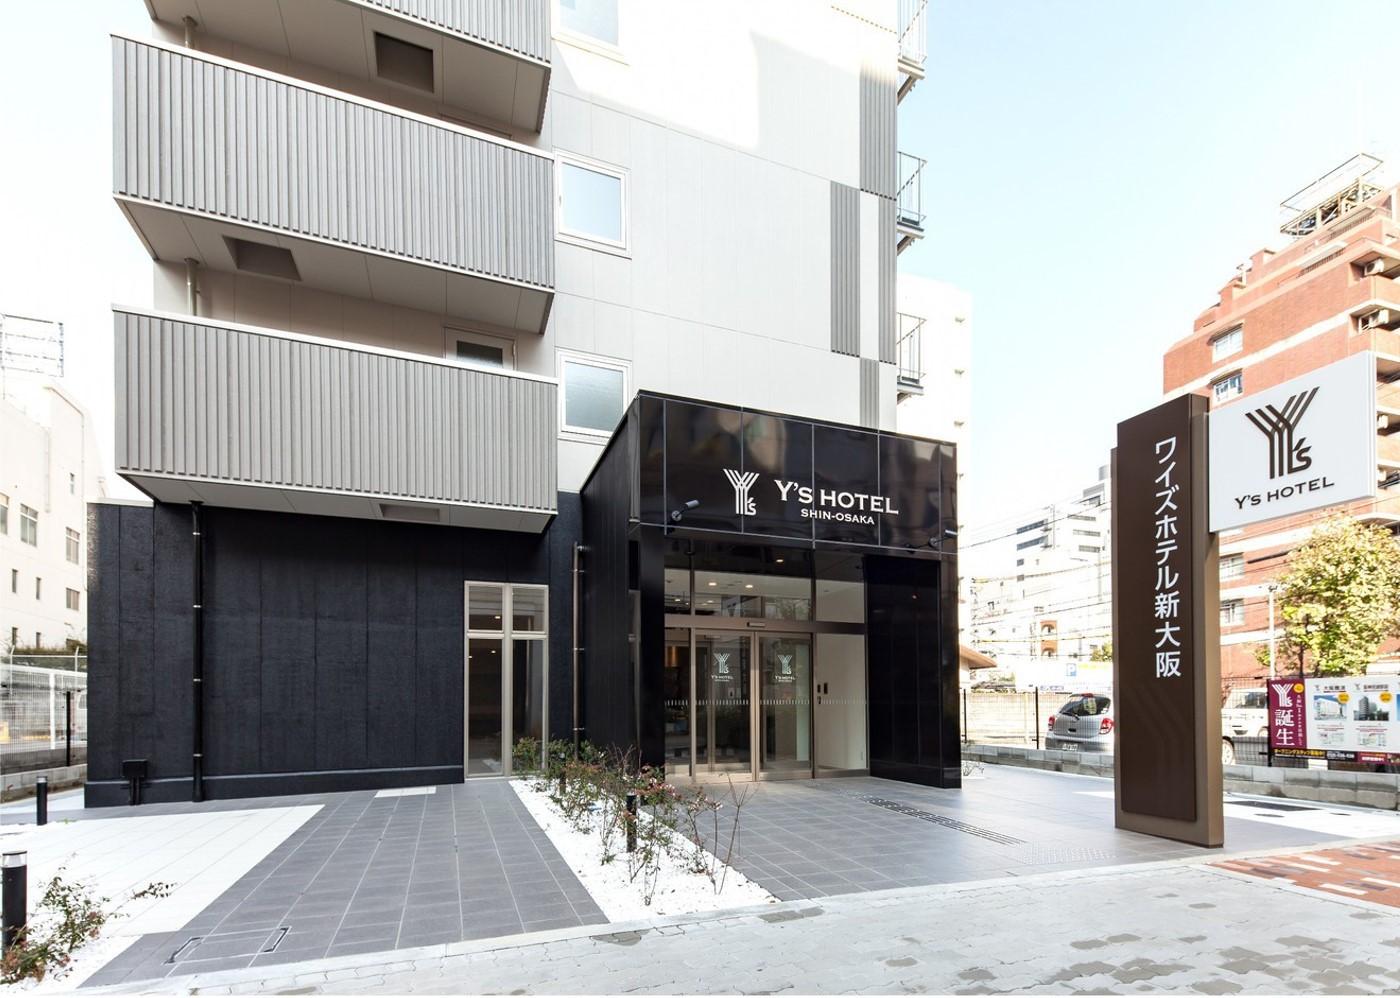 ワイズホテル新大阪 image